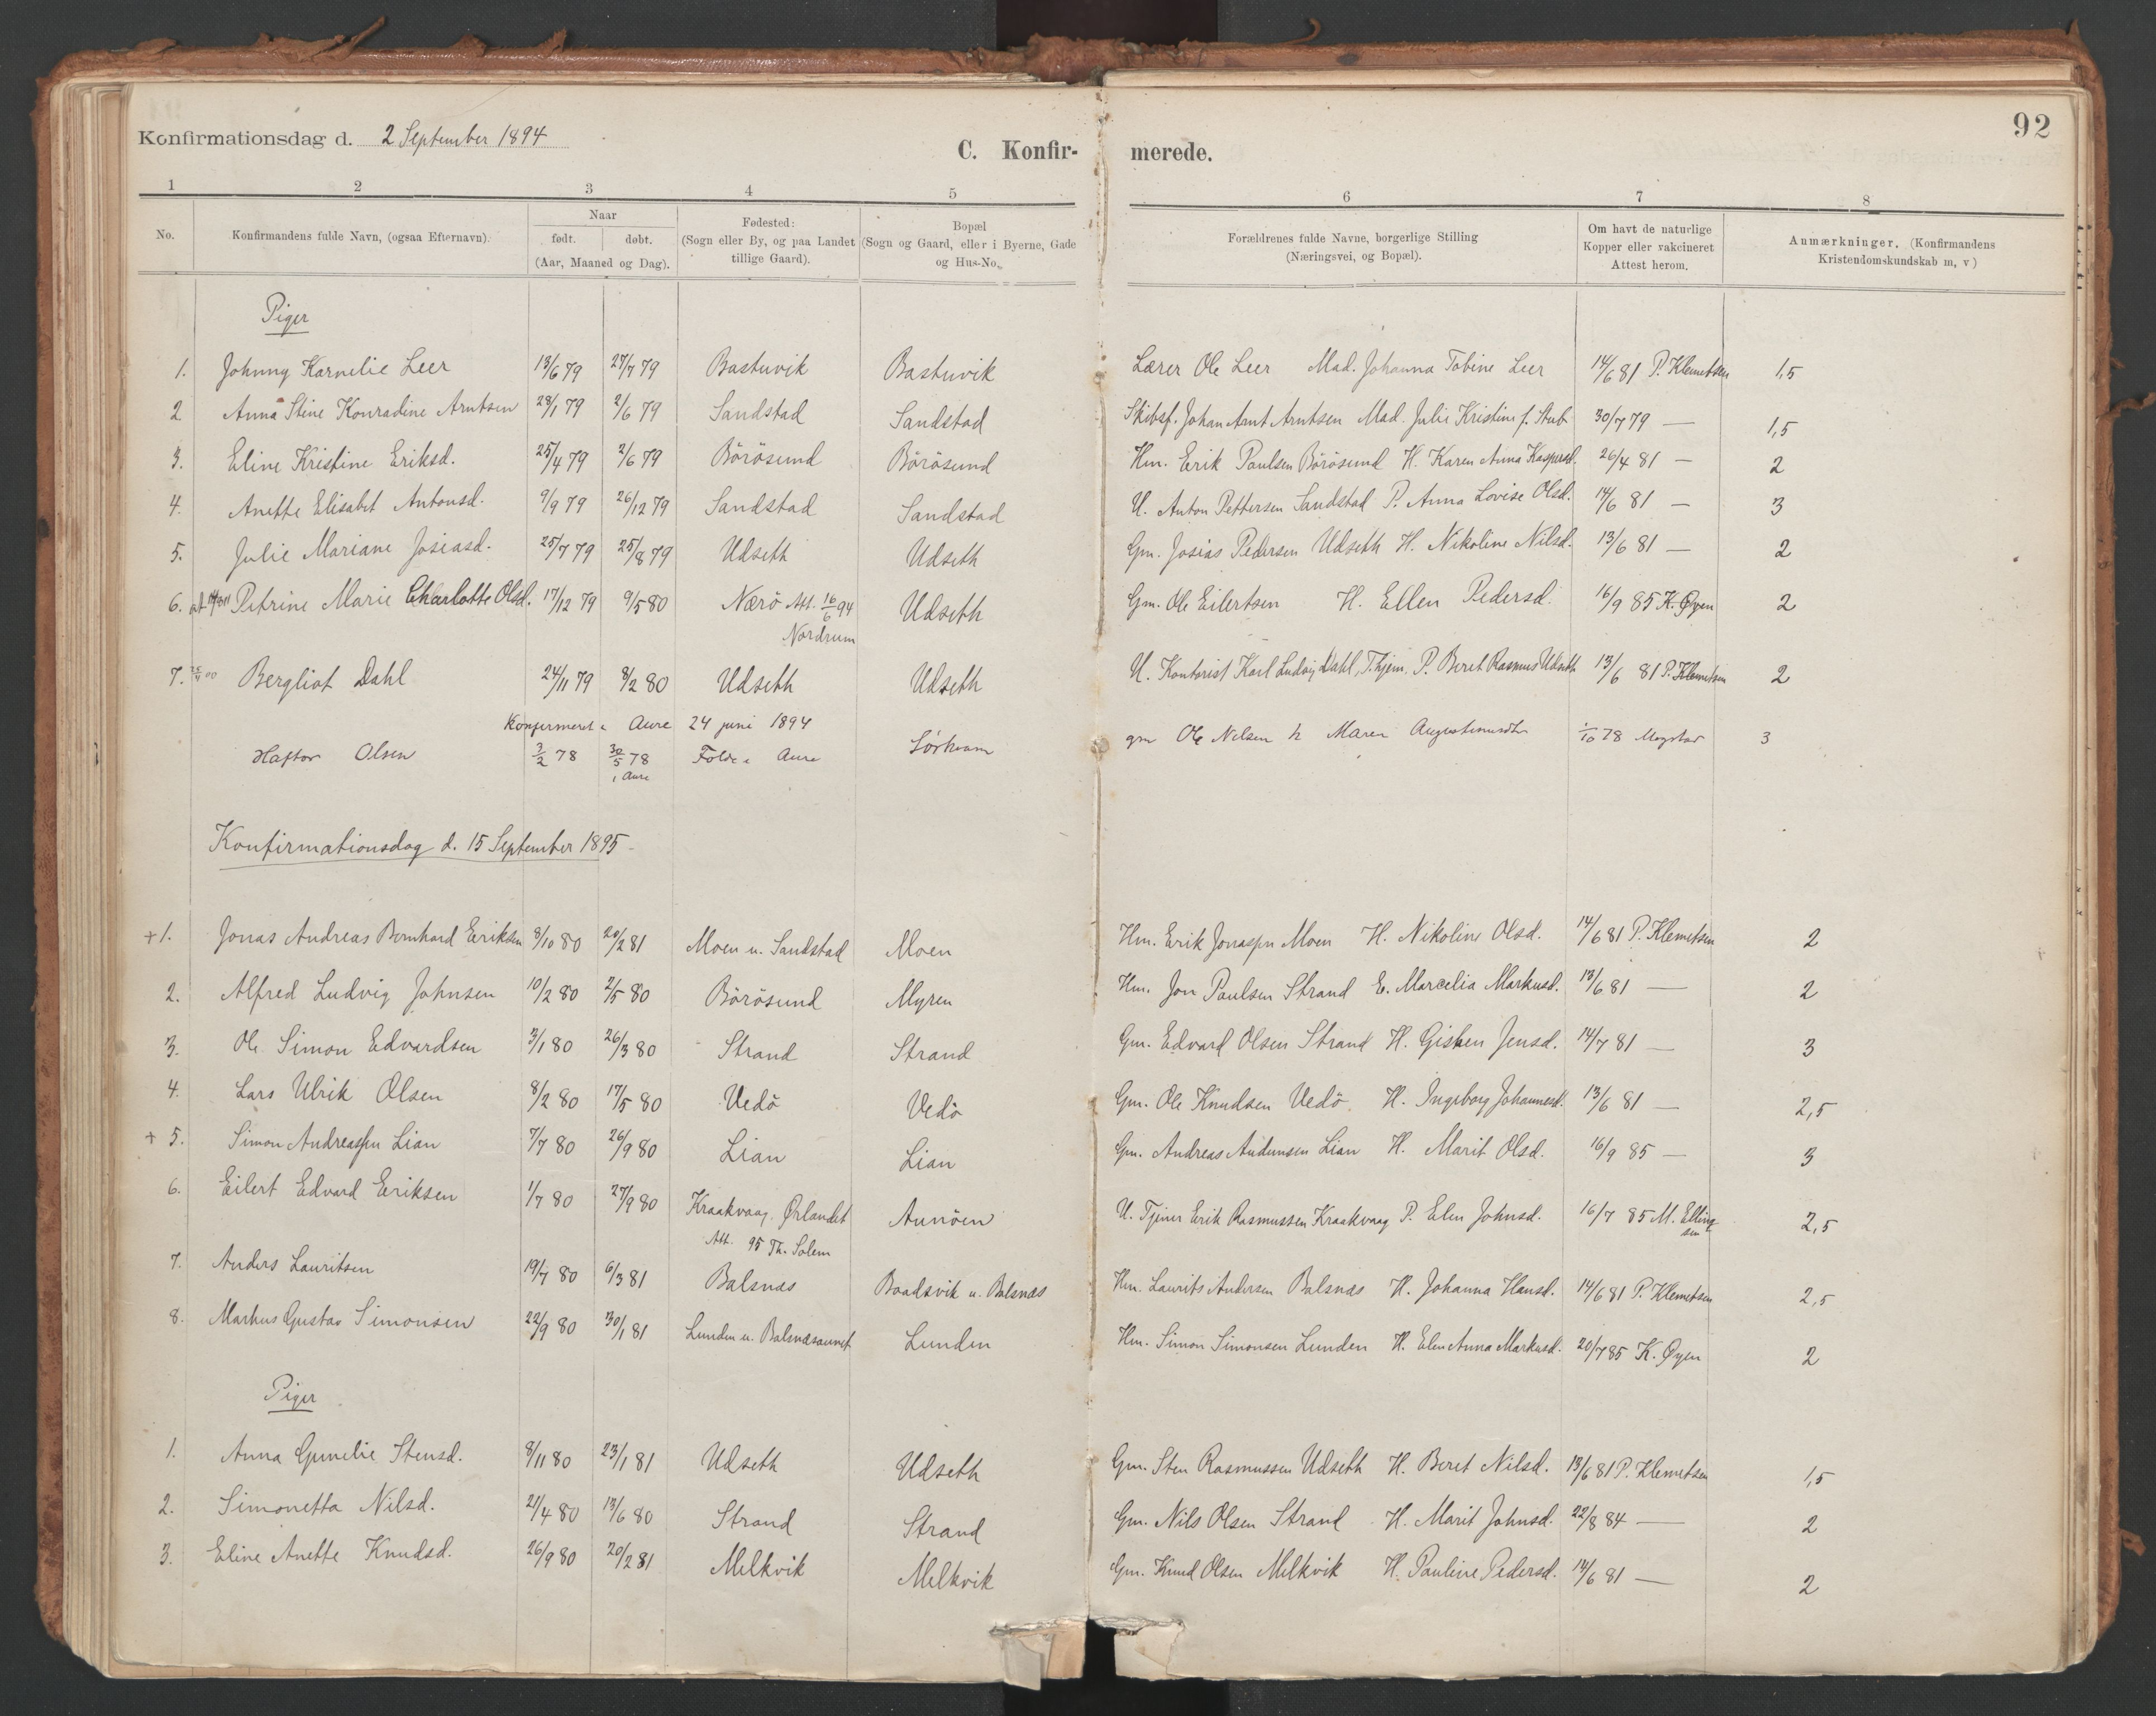 SAT, Ministerialprotokoller, klokkerbøker og fødselsregistre - Sør-Trøndelag, 639/L0572: Ministerialbok nr. 639A01, 1890-1920, s. 92